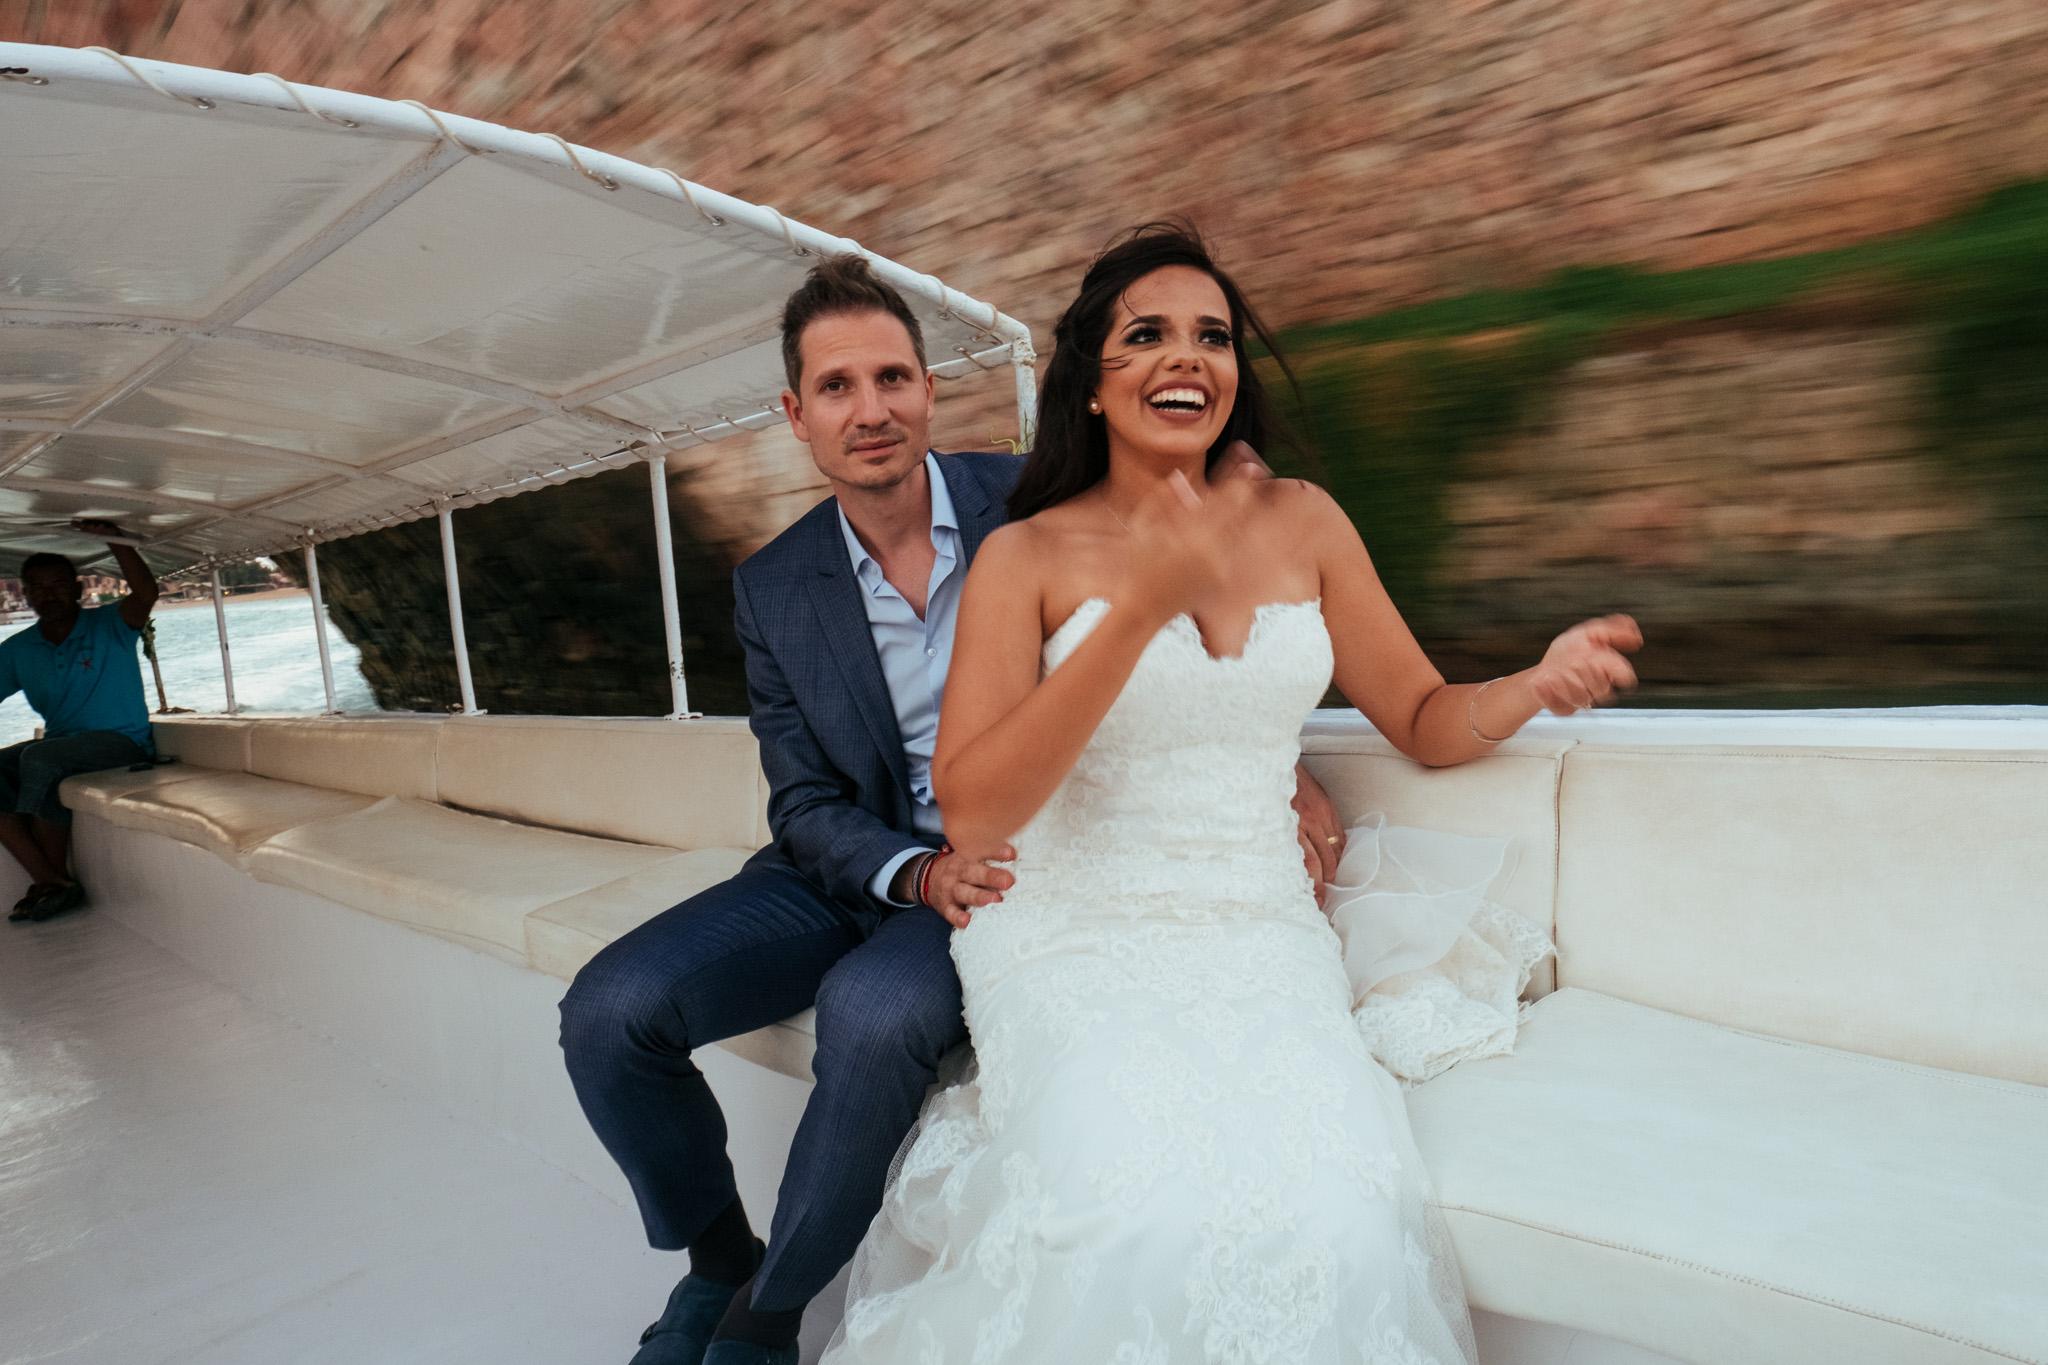 wedding-in-egitto-63.jpg